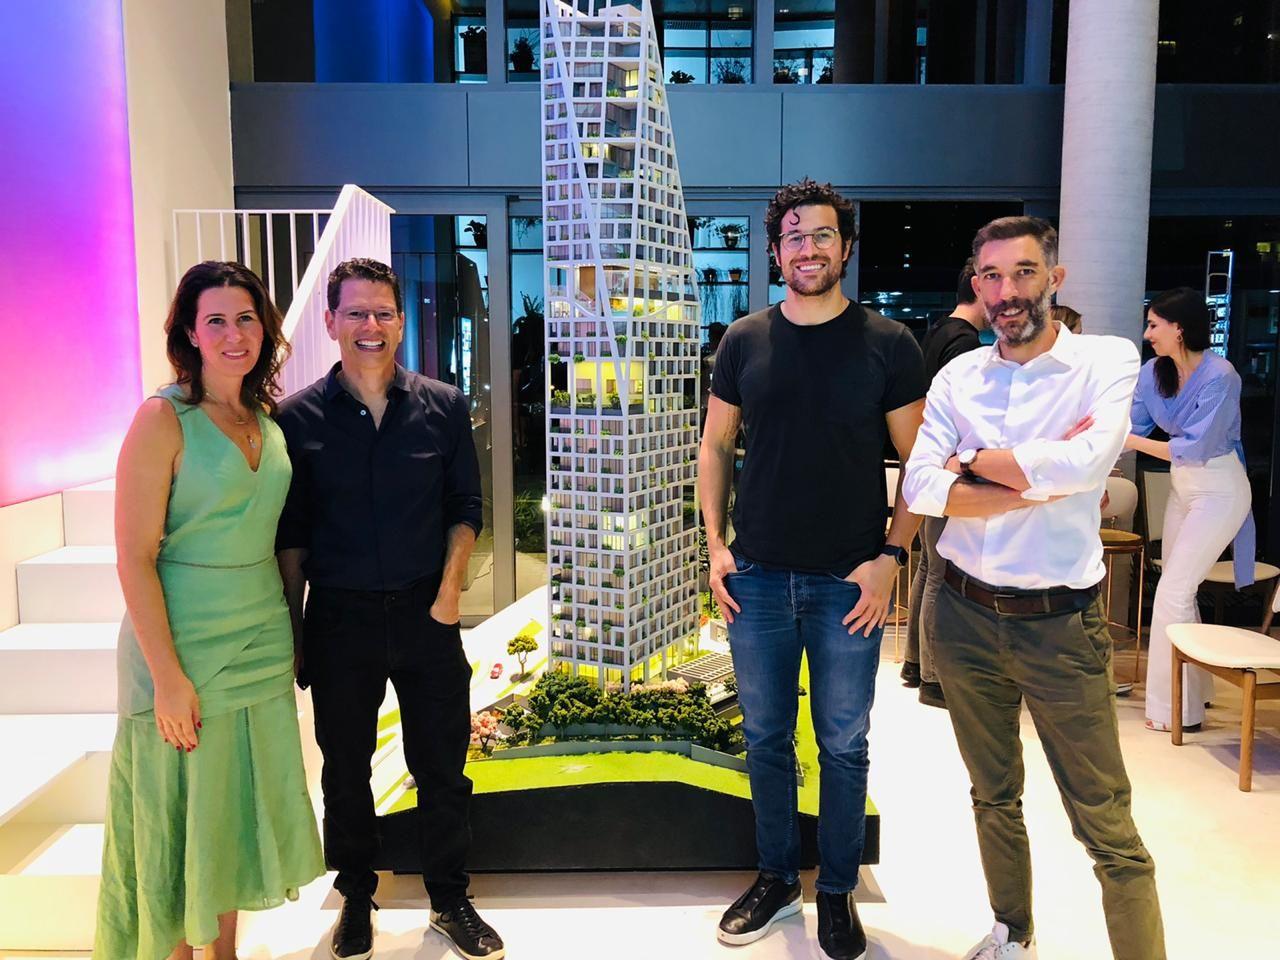 A médica e diretora da AG7, Andressa Gulin; o arquiteto e diretor da Realiza Arquitetura, Frederico Carstens; o CEO da AG7, Alfredo Gulin Neto; e o sócio-fundador da Triptyque Architecture, Gregory Bousquet.